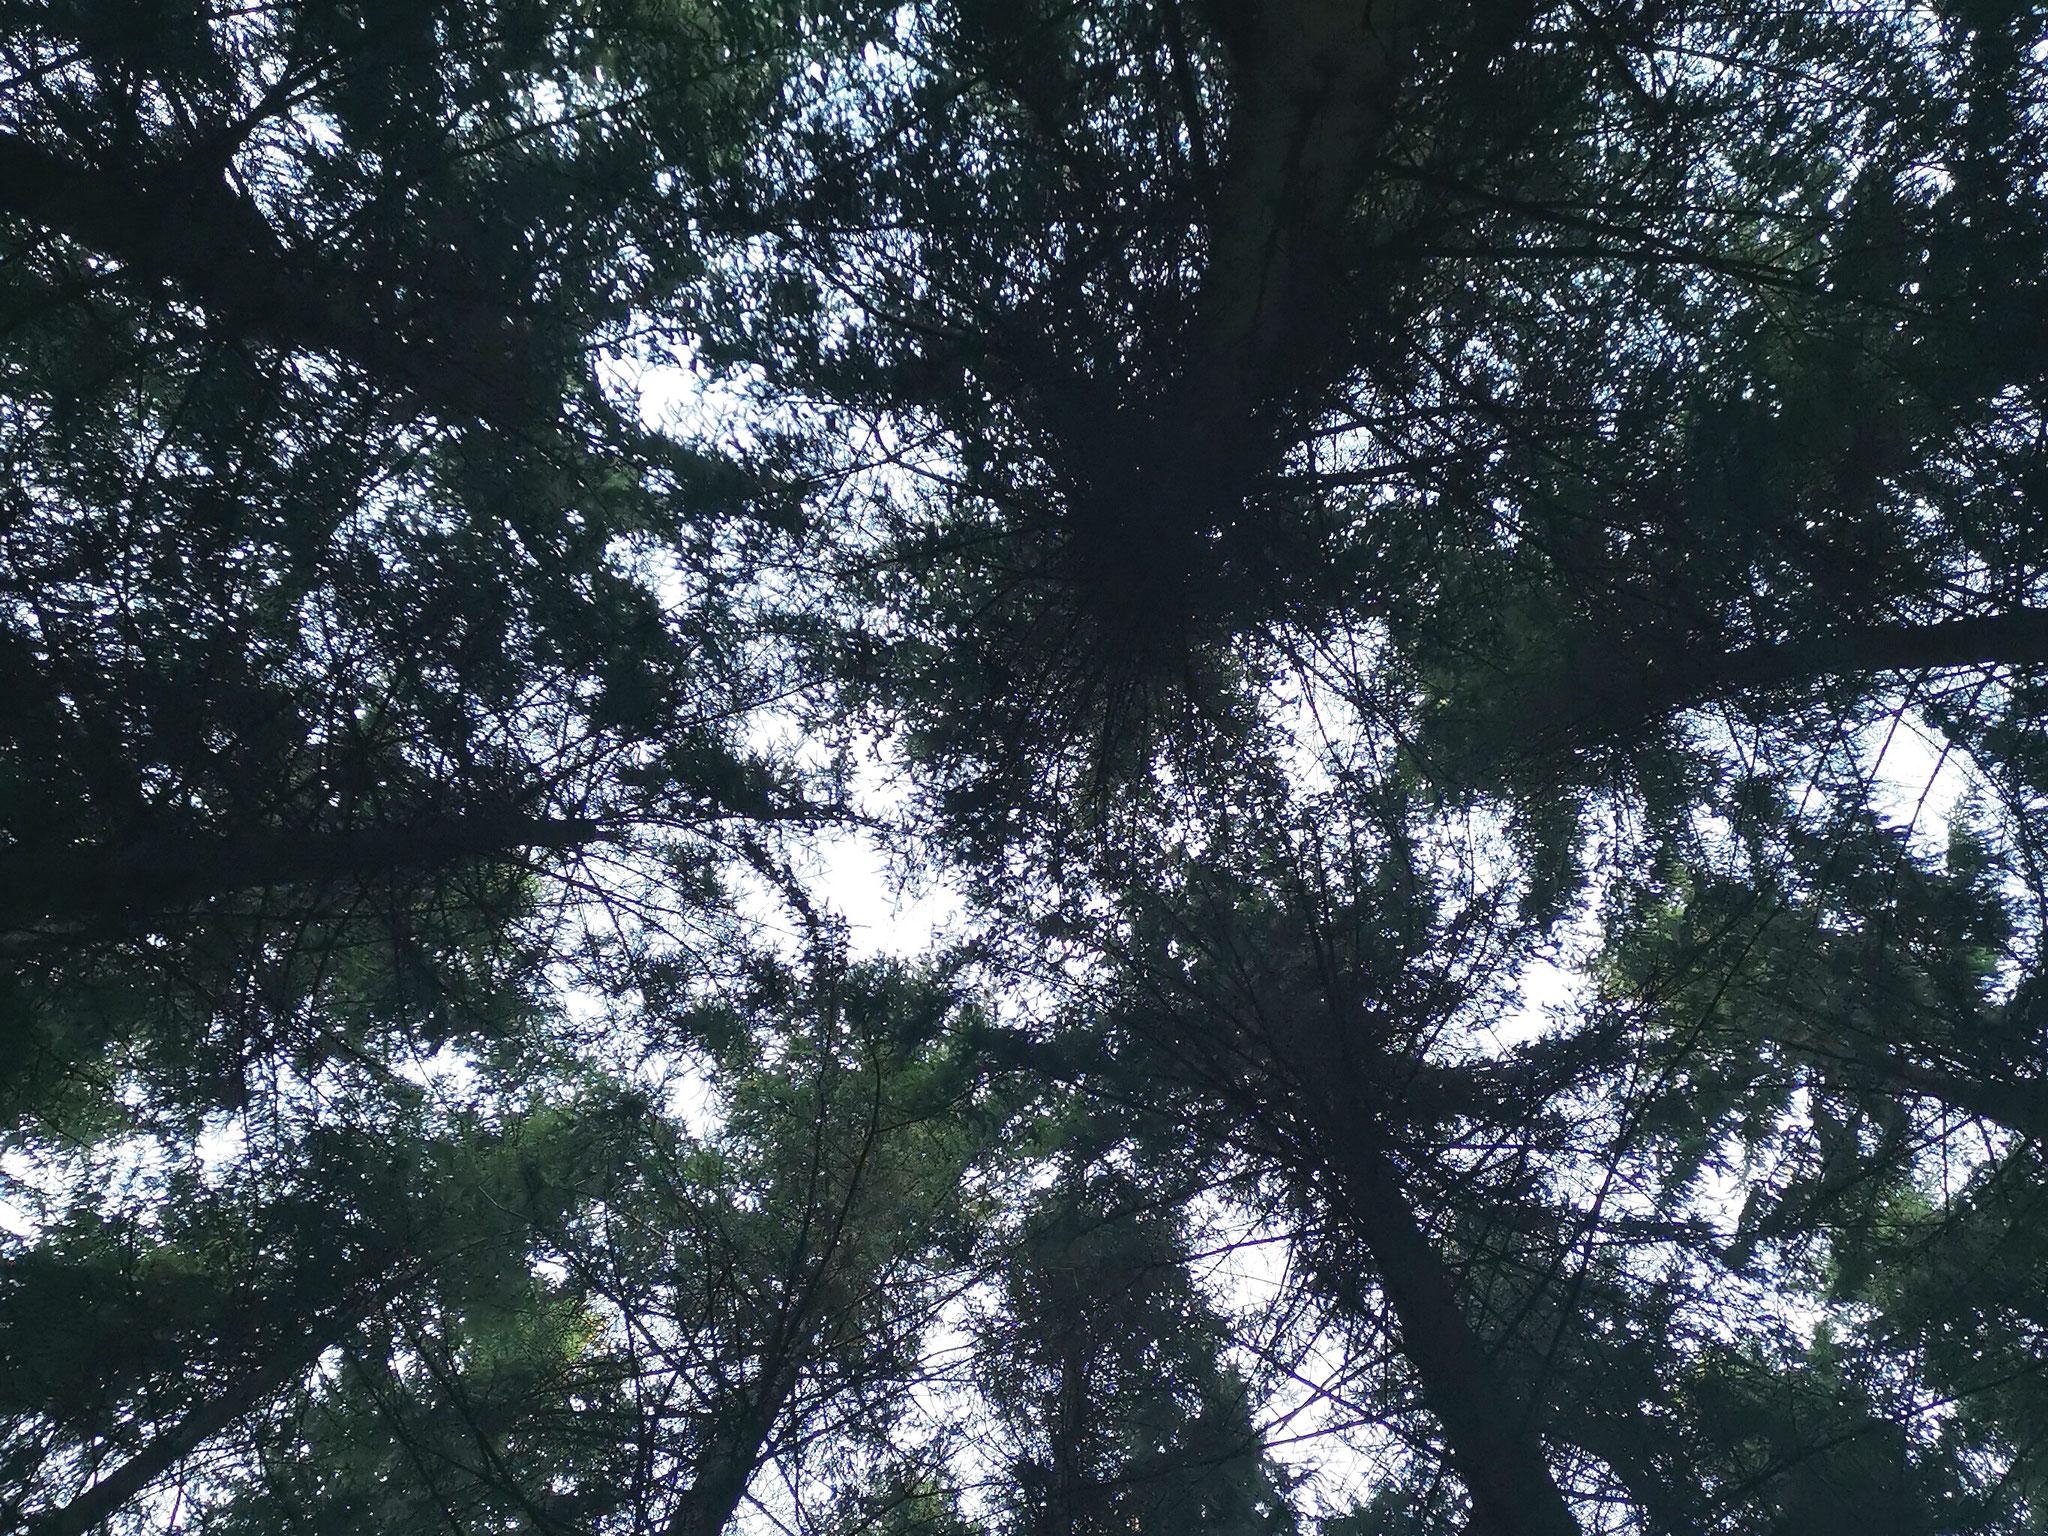 entspannter Blick in die Baumkronen